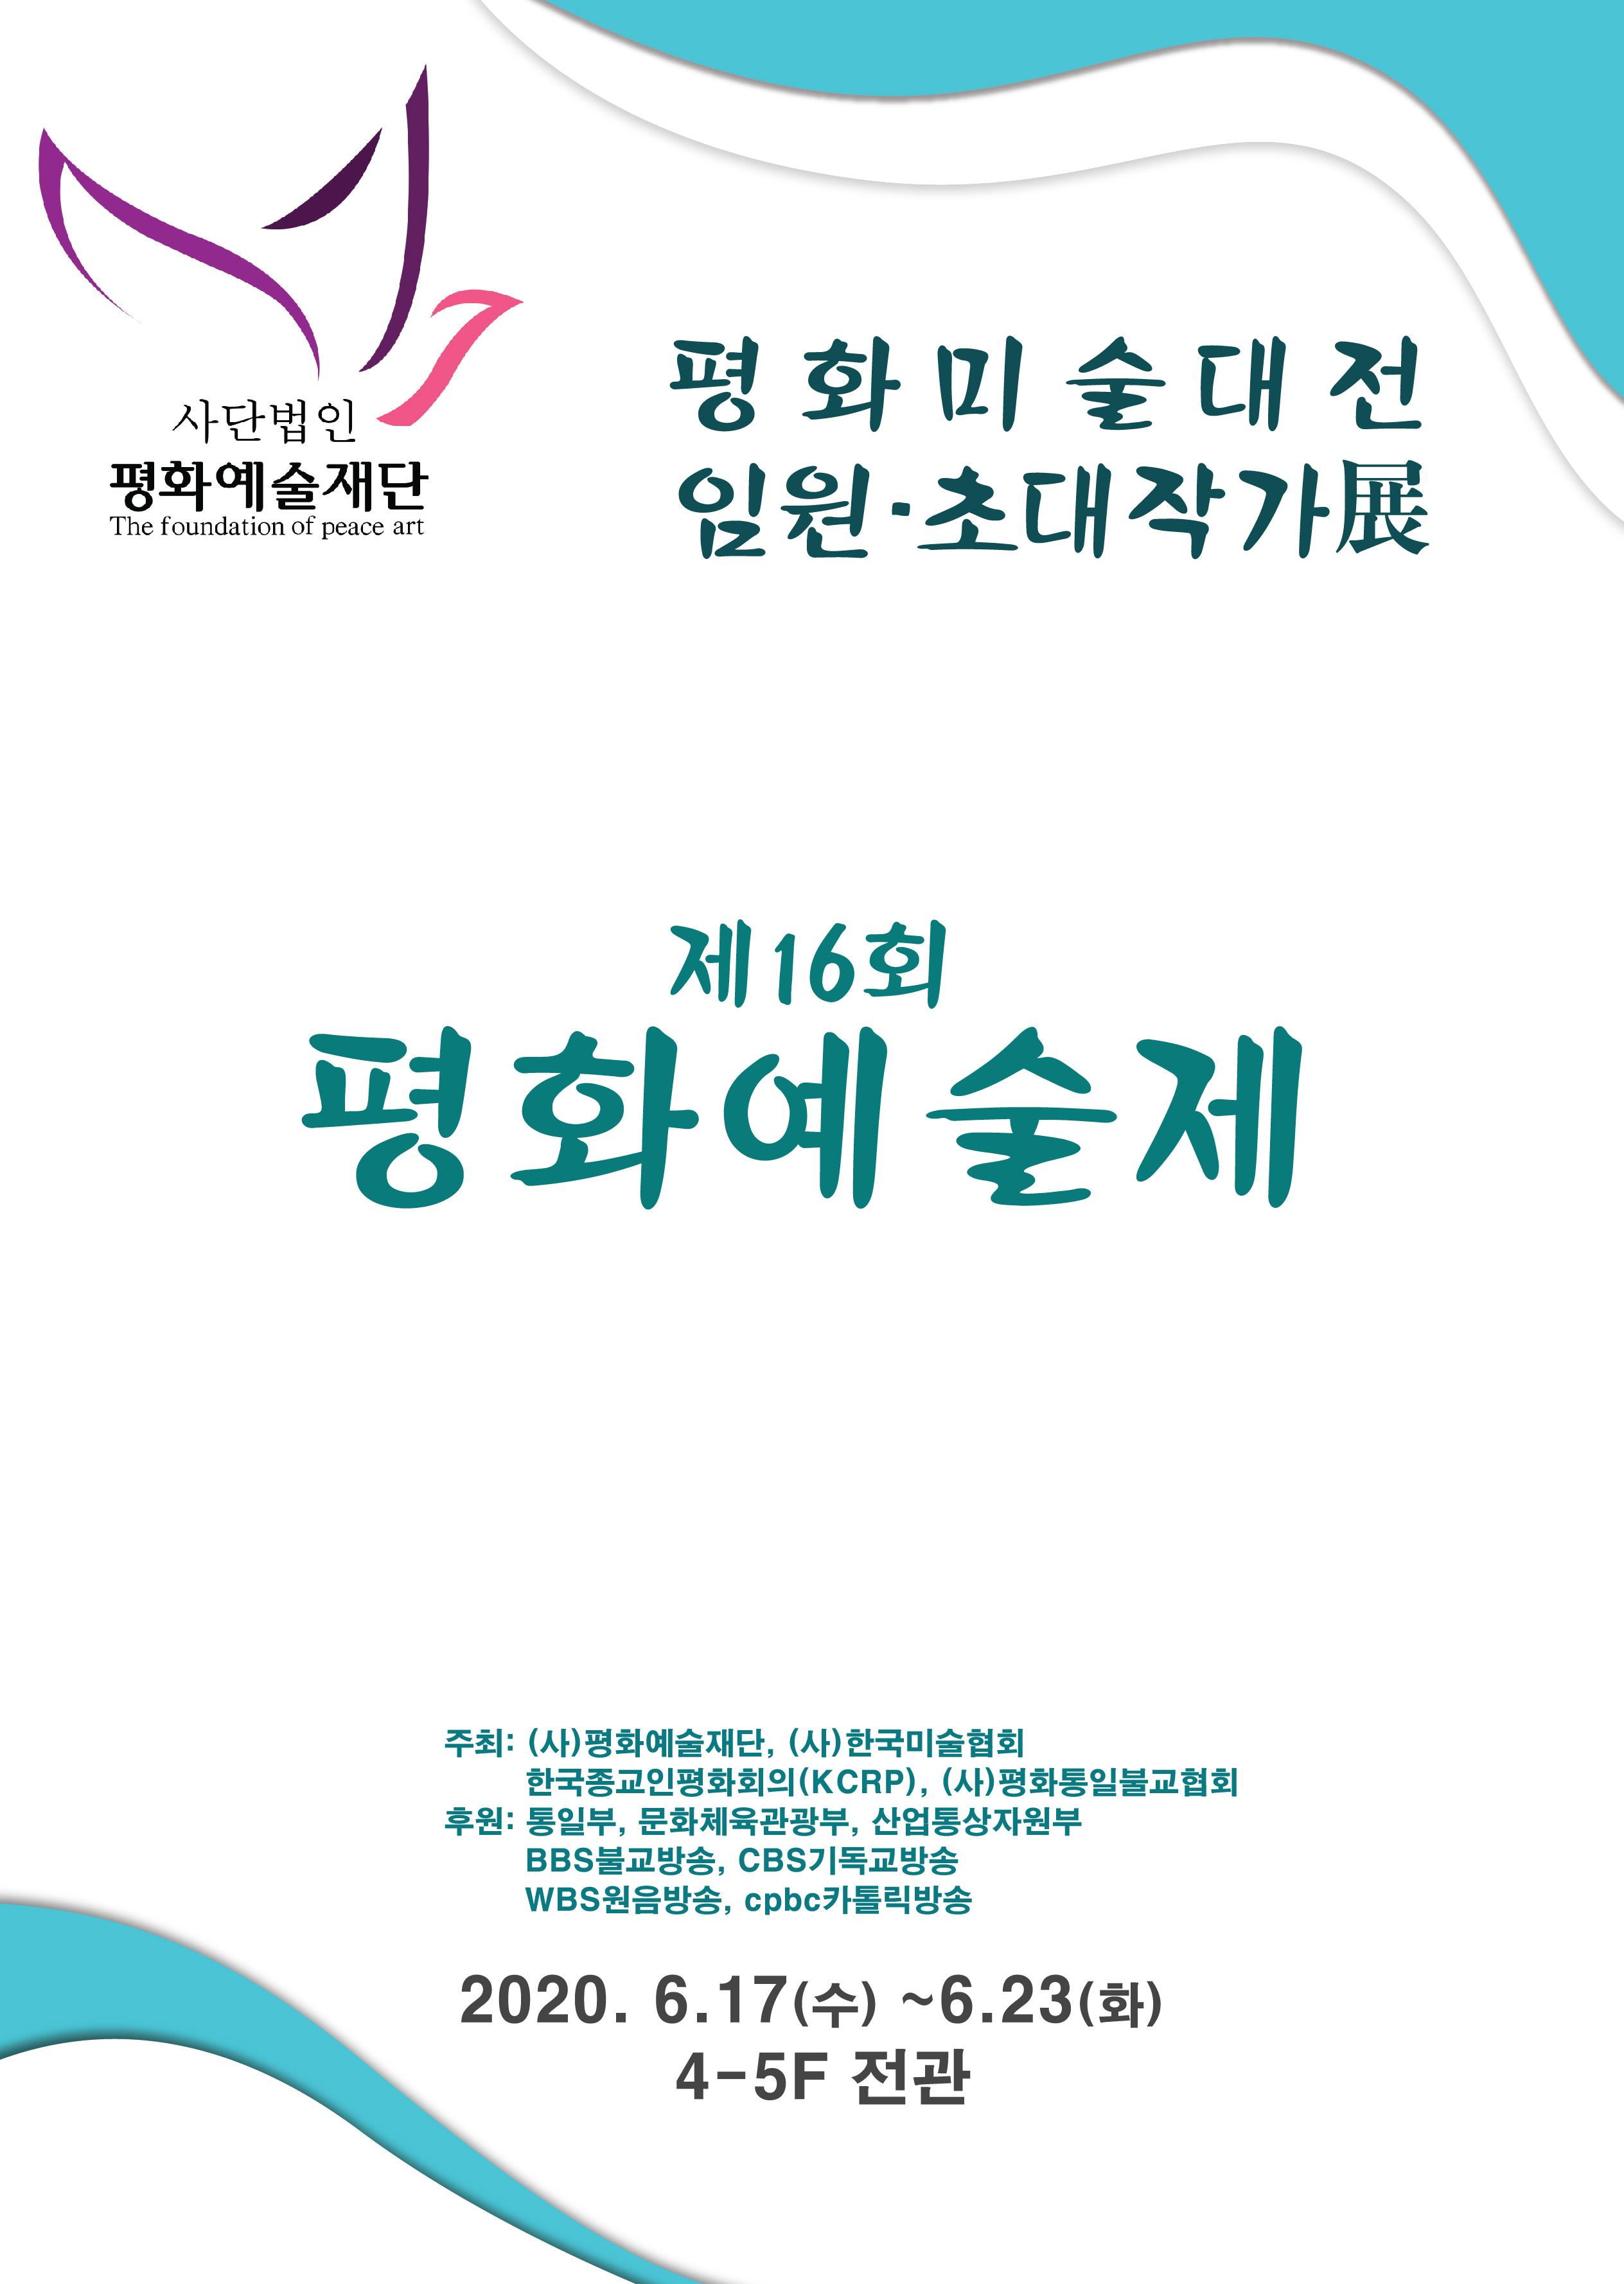 평화예술제_포스터-01.jpg